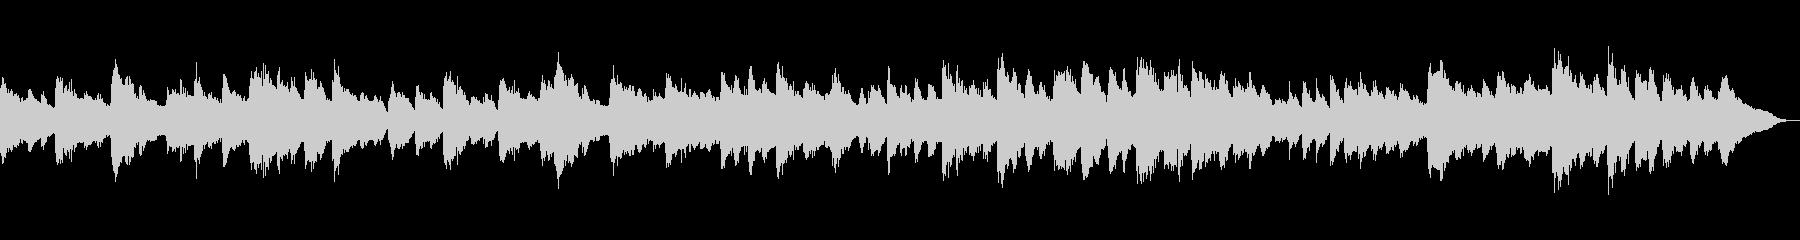 ベートーベン「悲愴」第2楽章 ピアノの未再生の波形